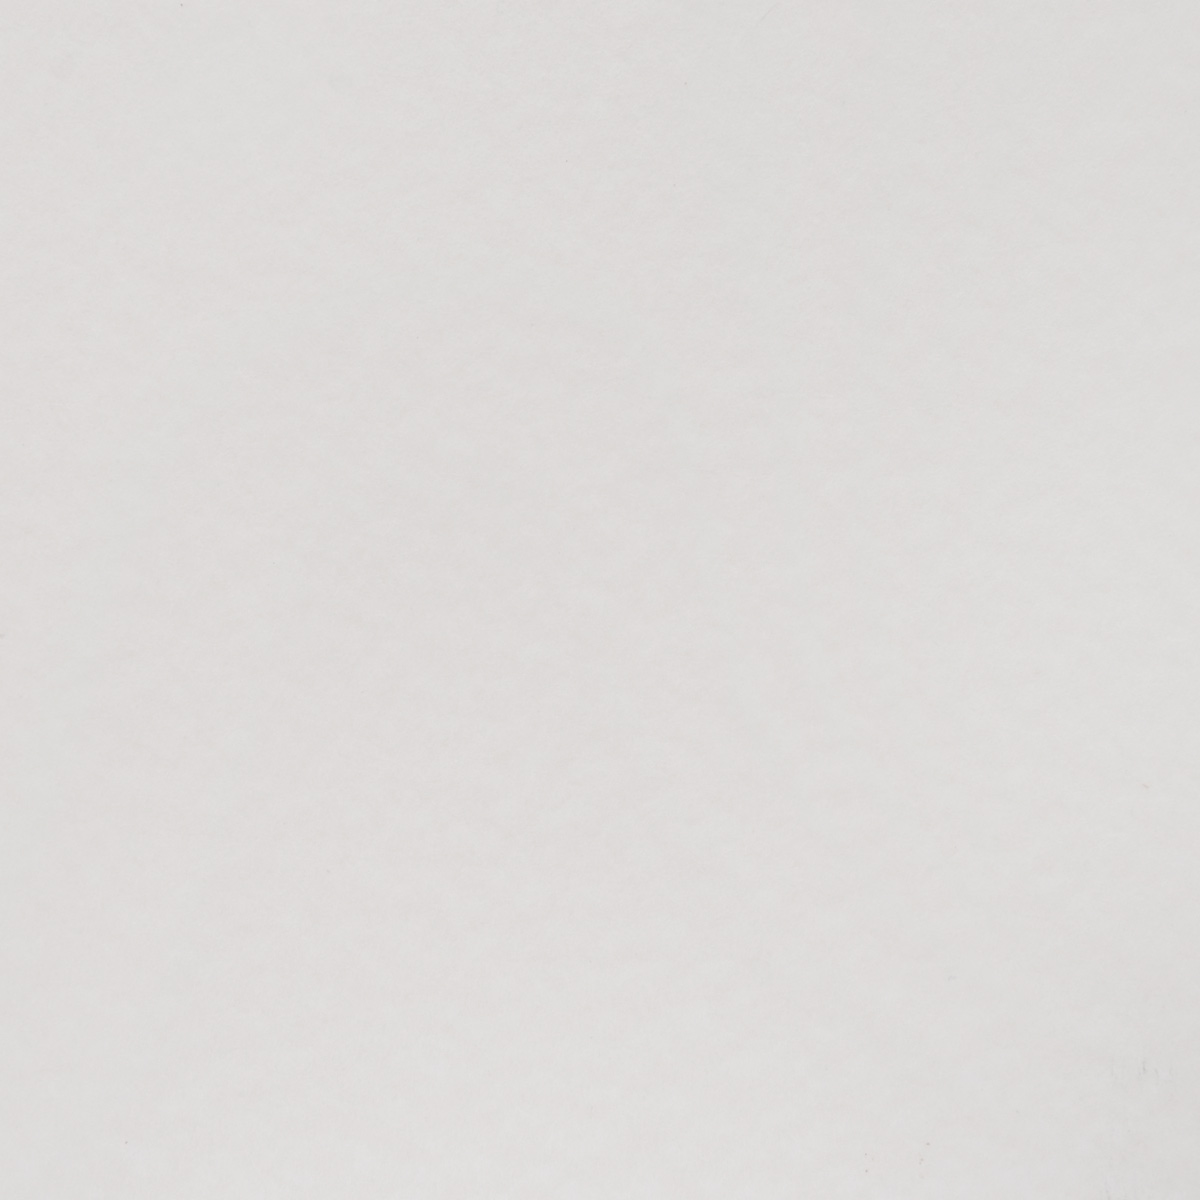 Картон пивнойHobby&You, немелованный, 1,15 мм, 20 x 20 см. KP20-1-15400025_радугаКартон Hobby&You обладает меньшим весом и более светлым оттенком в сравнении с переплетным. Именно из этого материала изготавливают подставки под пивные и другие напитки. Пивной картон используется для скрапбукинга благодаря целому ряду неоспоримых преимуществ:Небольшой вес, что благоприятно сказывается на его применении в создании крупных и масштабных конструкций.Легко впитывает влагу, что прямо влияет на успешное использования штампинга, нанесение красок, которые будут держаться на пивном картоне, не растекаясь по всему материалу.Высокая плотность, что вместе с небольшим весом дарит уникальную возможность создания основы для страниц, фотографий и картин.Свободно поддается резке ножом - данная особенность пивного картона позволяет создавать из него объекты, свободной формы.Пивной картон является многослойным материалом, который подвергаясь многократному впитыванию влаги продолжает выполнять свои функции, не оставляя следов на поверхности. Размер картона: 20 х 20 см.Толщина картона: 1,15 мм.